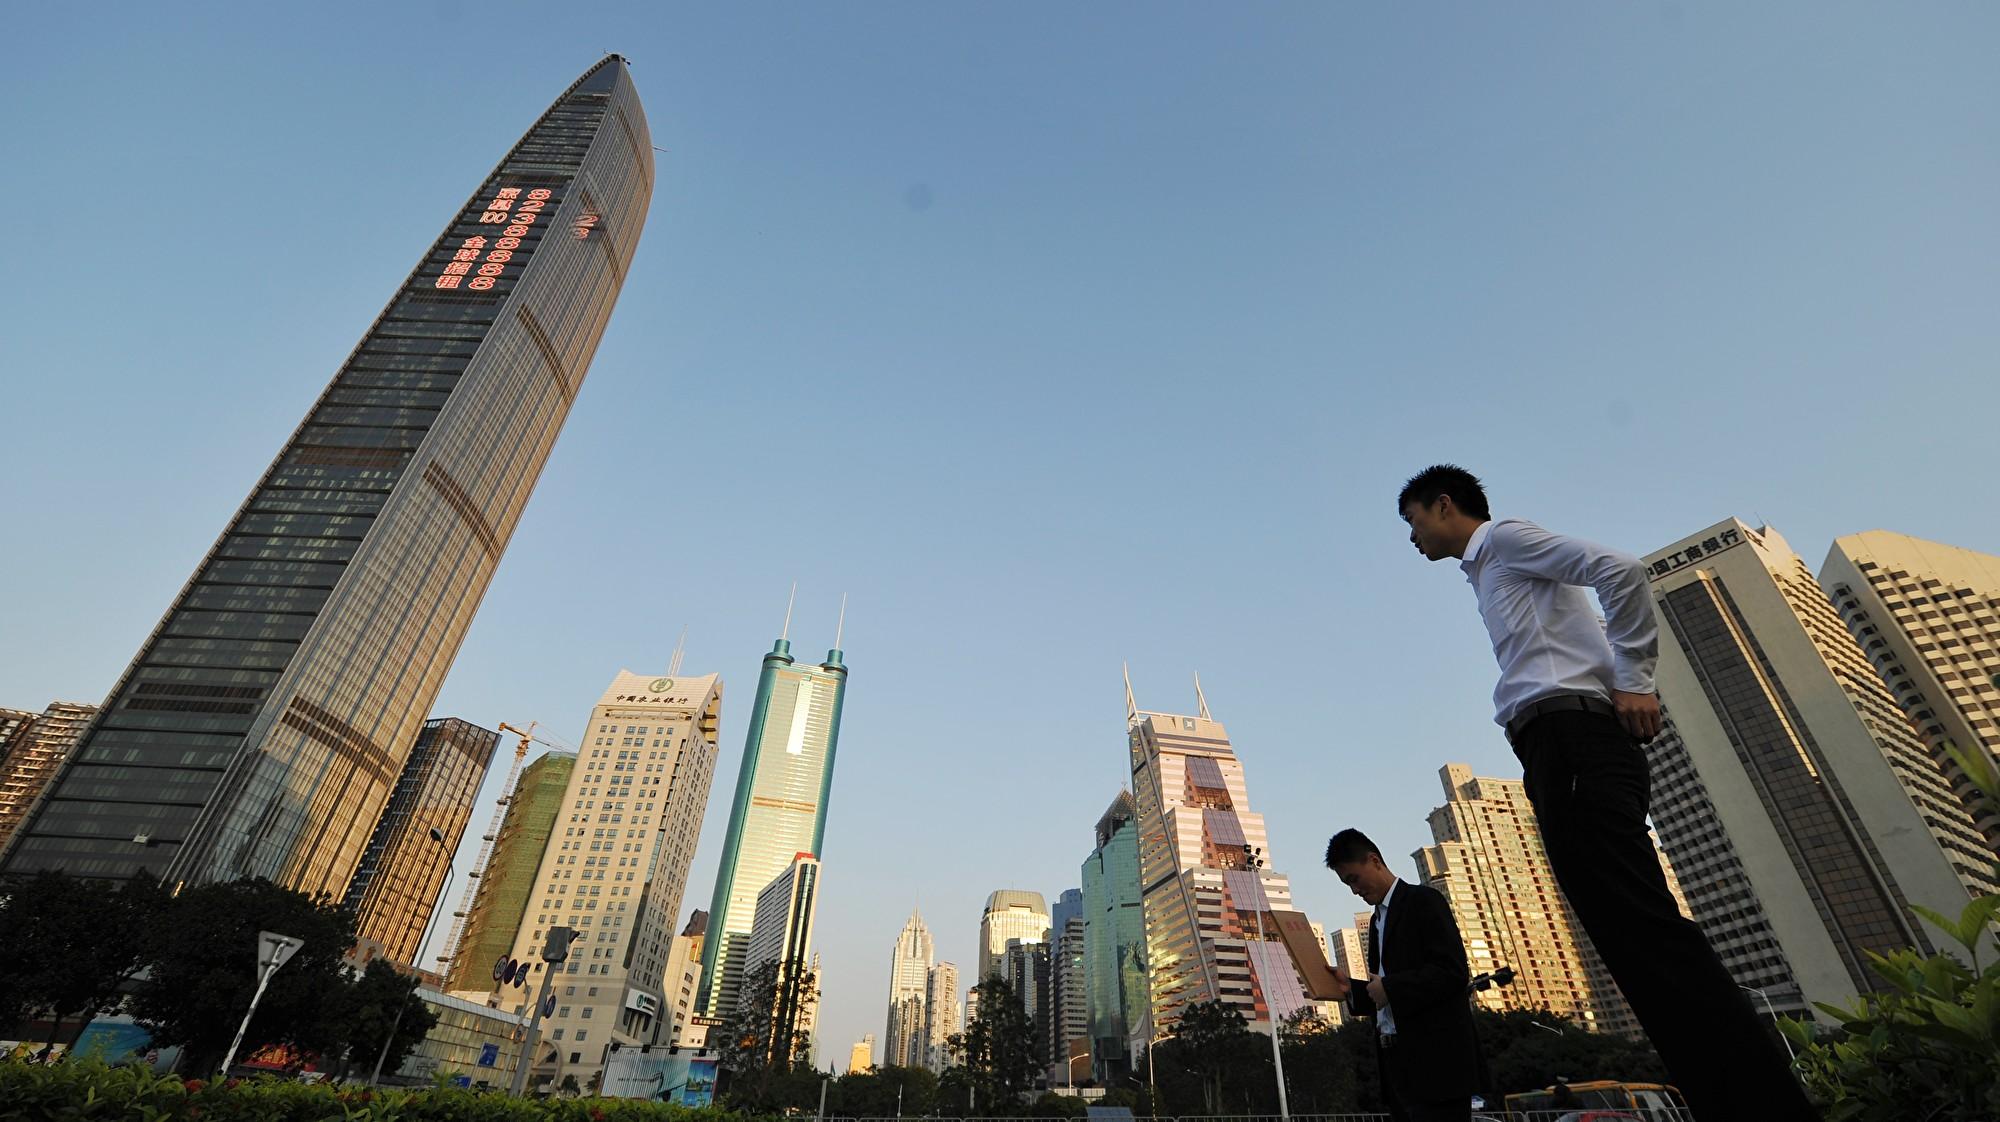 今年上半年,深圳的甲級寫字樓空置率已攀升至23.3%,其中最高的前海片區達65.7%。(PETER PARKS/AFP/Getty Images)